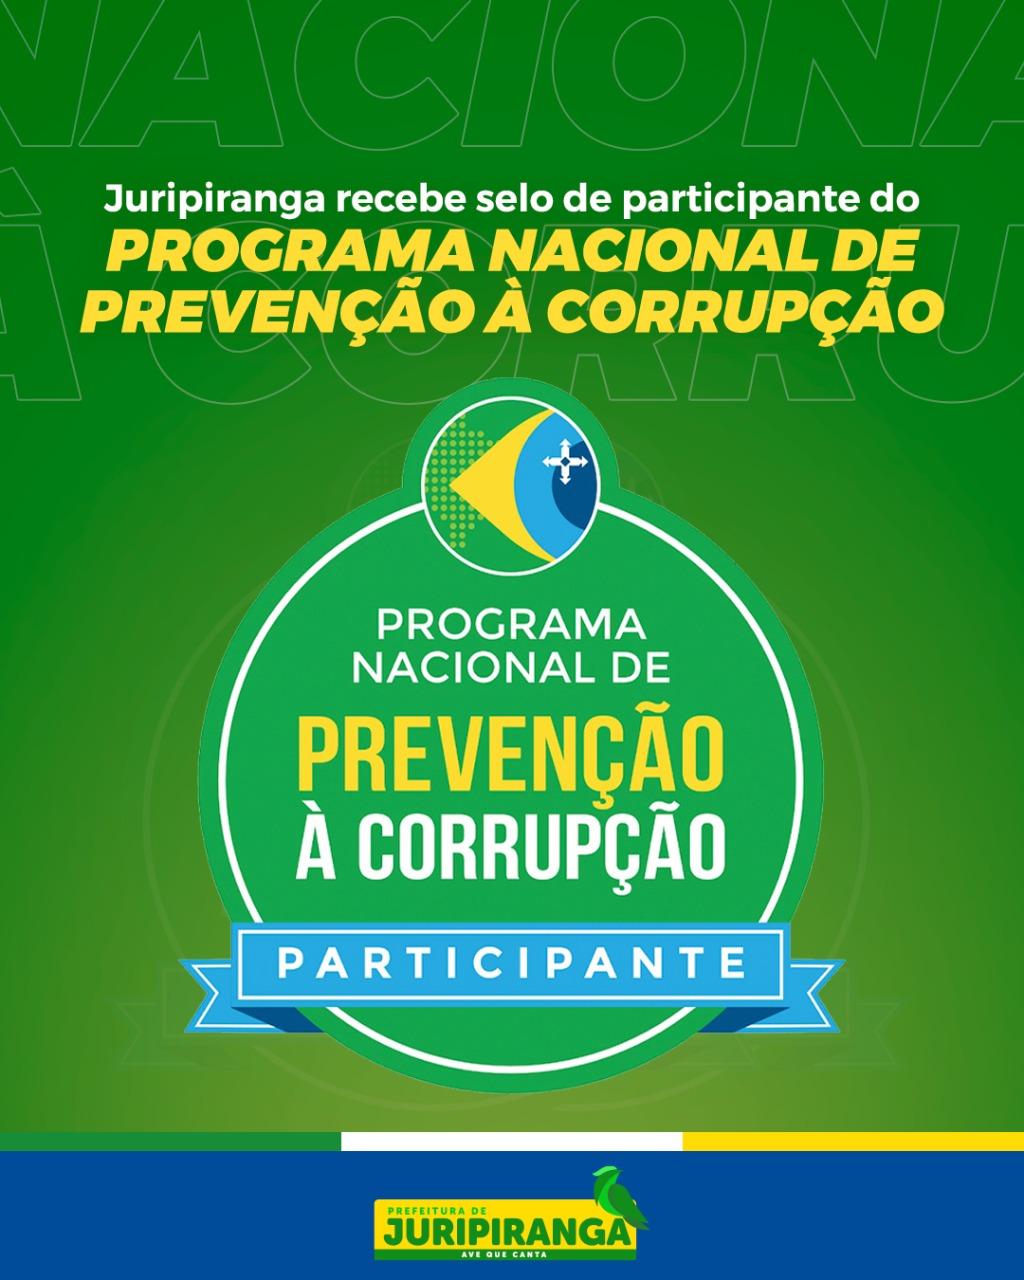 JURIPIRANGA RECEBE O SELO DO PROGRAMA NACIONAL DE PREVENÇÃO À CORRUPÇÃO.